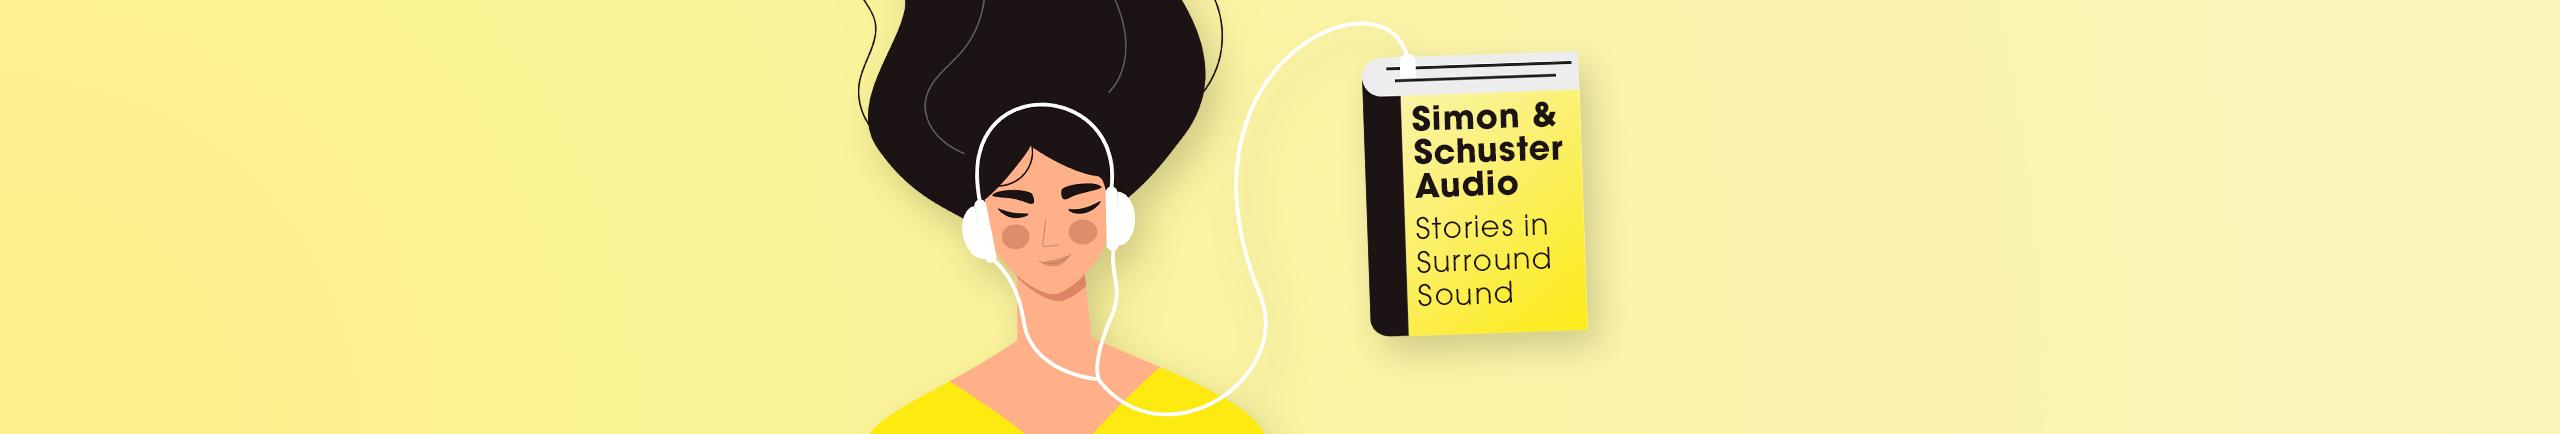 Stories in Surround Sound